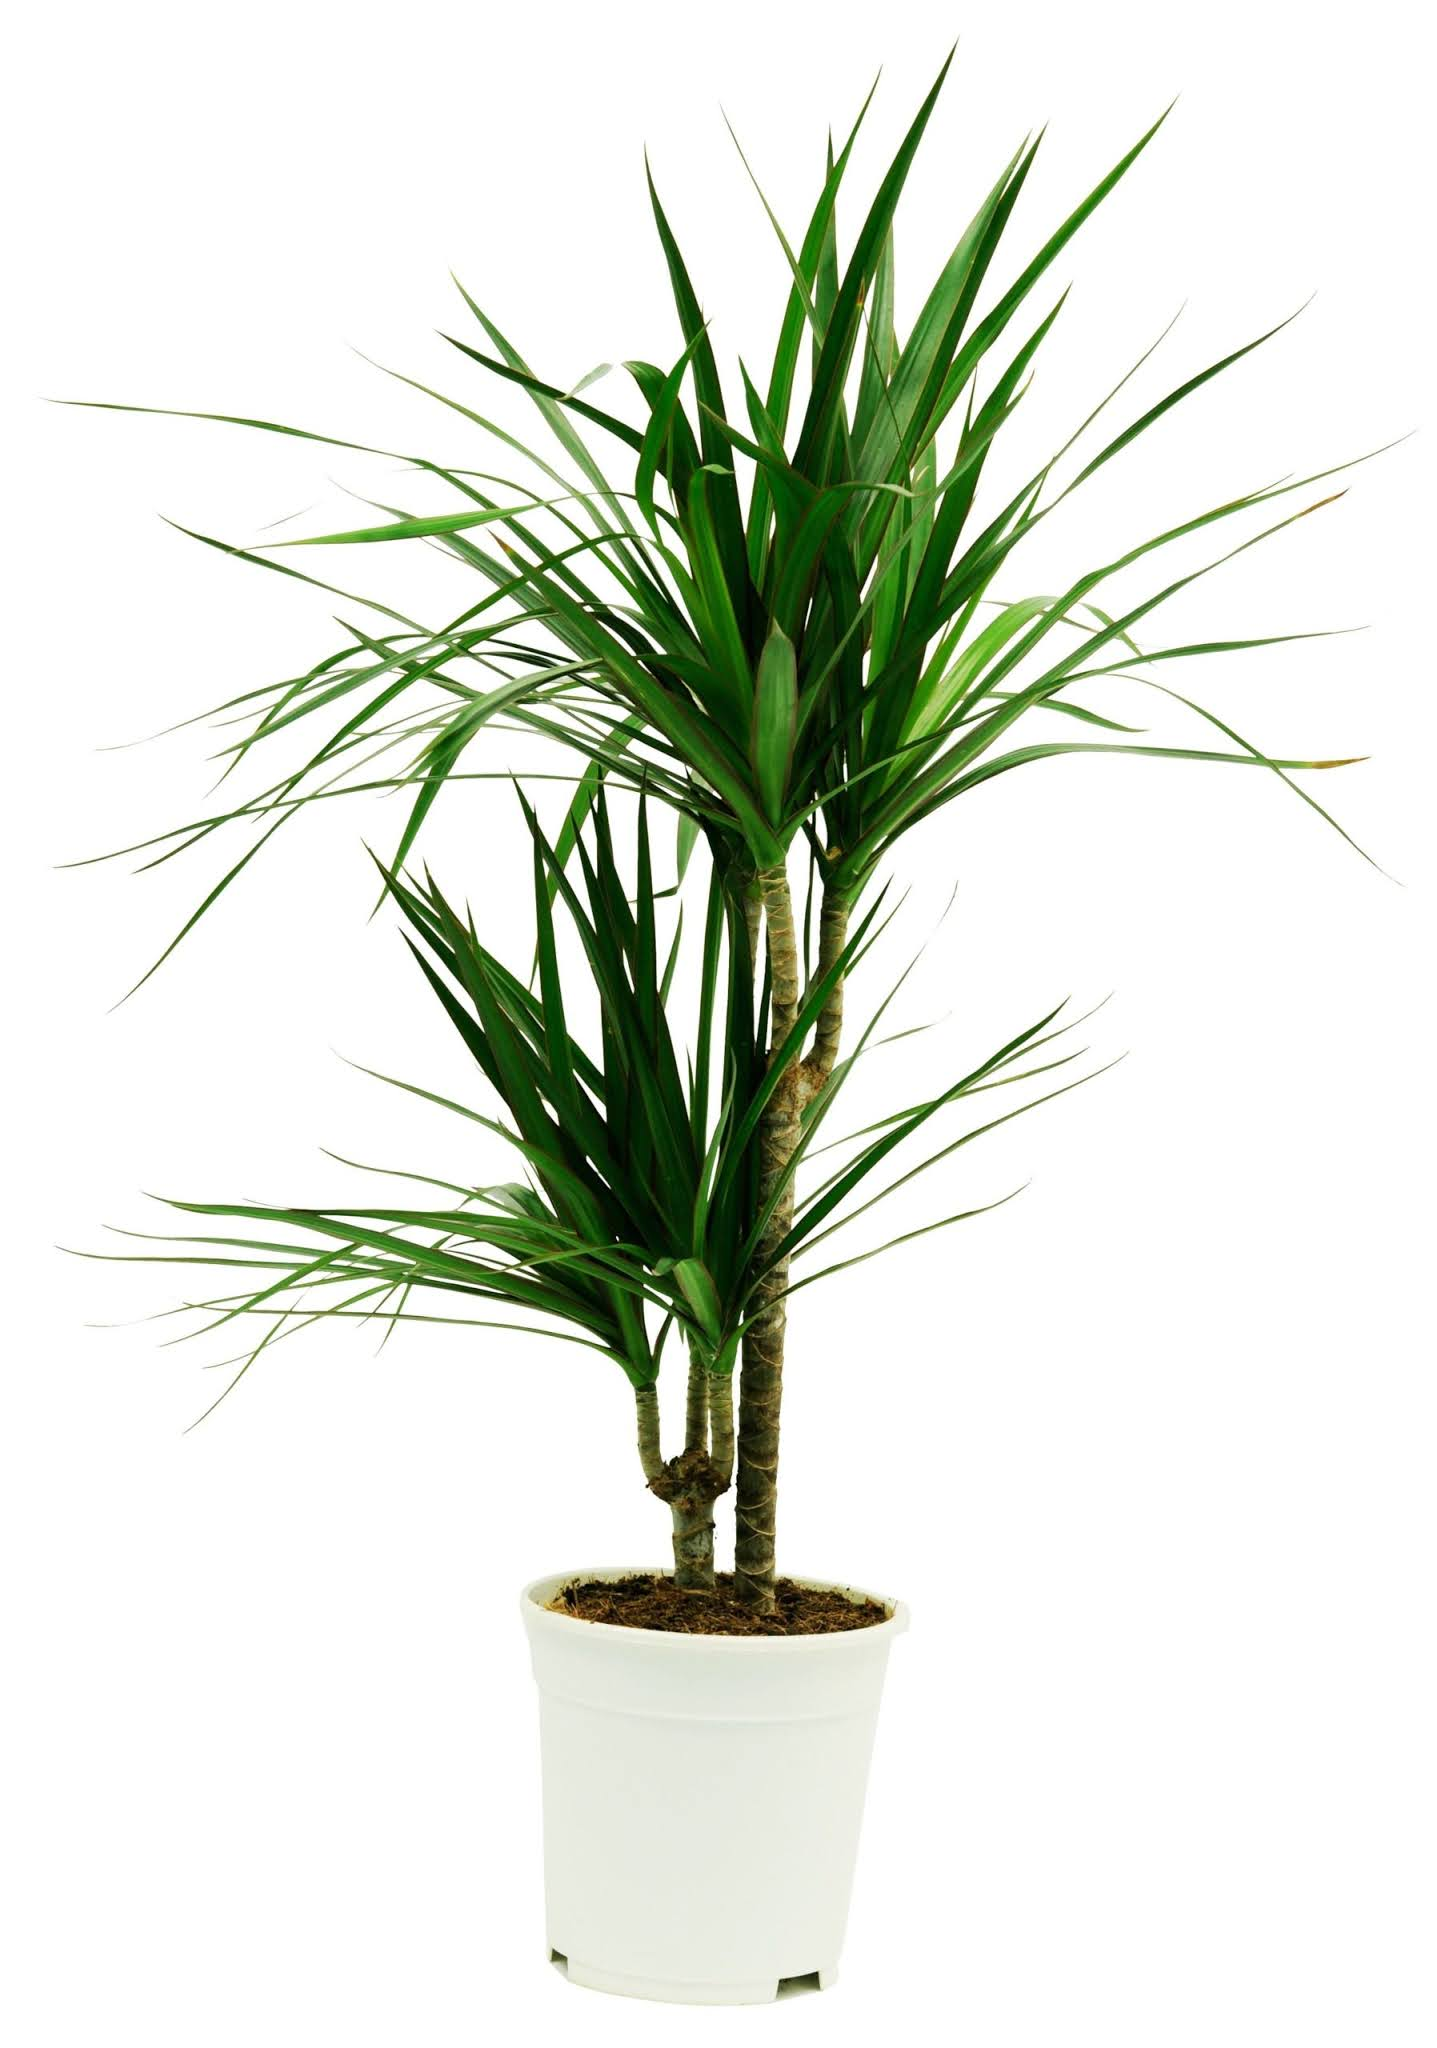 """أكثر النباتات لطافة وطريقة الاعتناء بها """"نبتة دراسينا هامشية"""""""